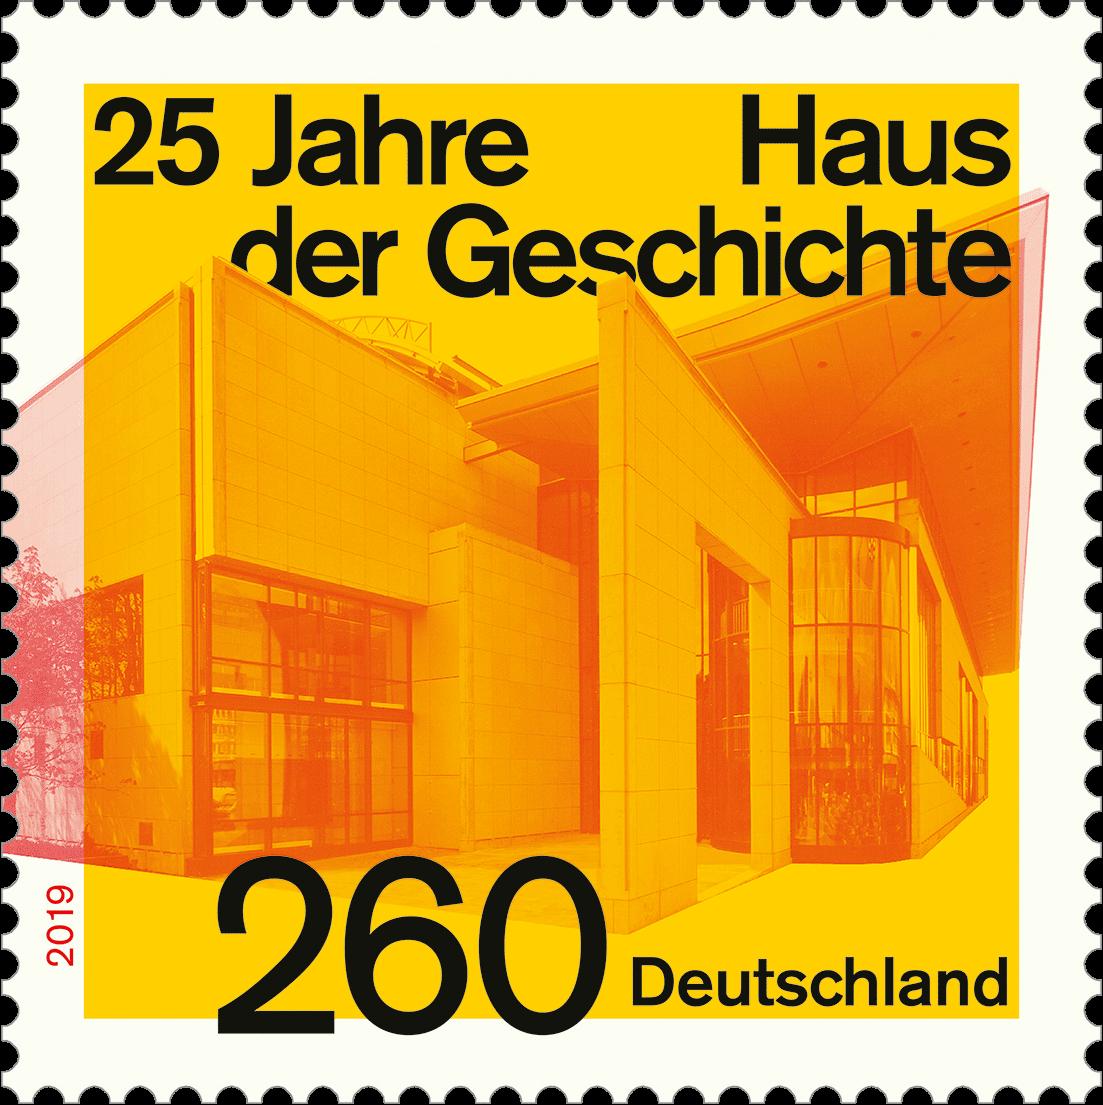 https://www.borek.de/briefmarke-25-jahre-haus-der-geschichte